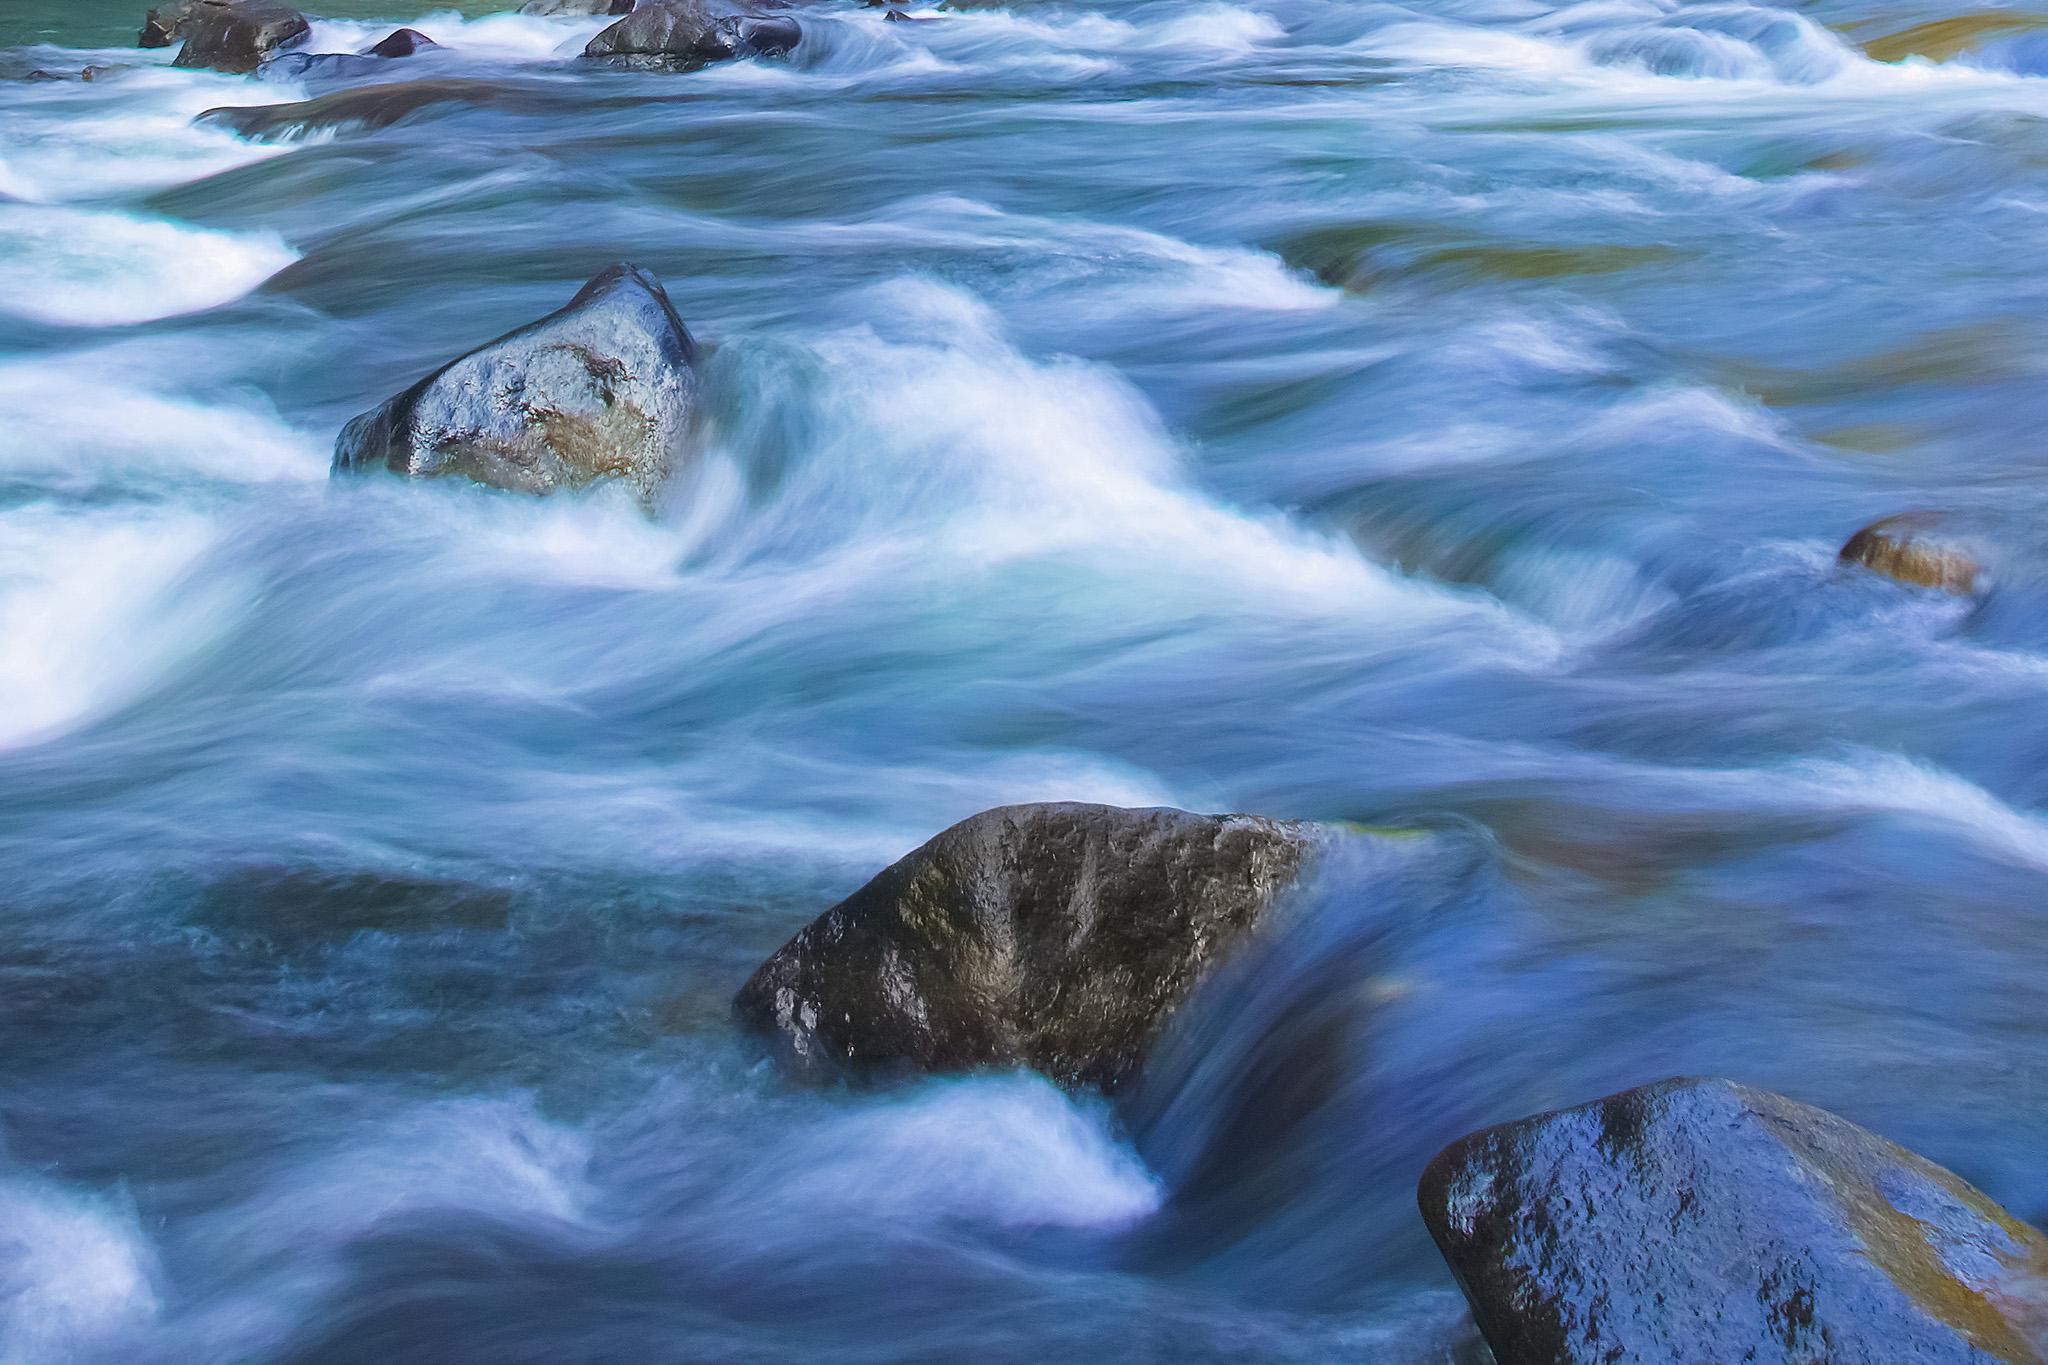 「水が綺麗な川の流れ」の素材を無料ダウンロード